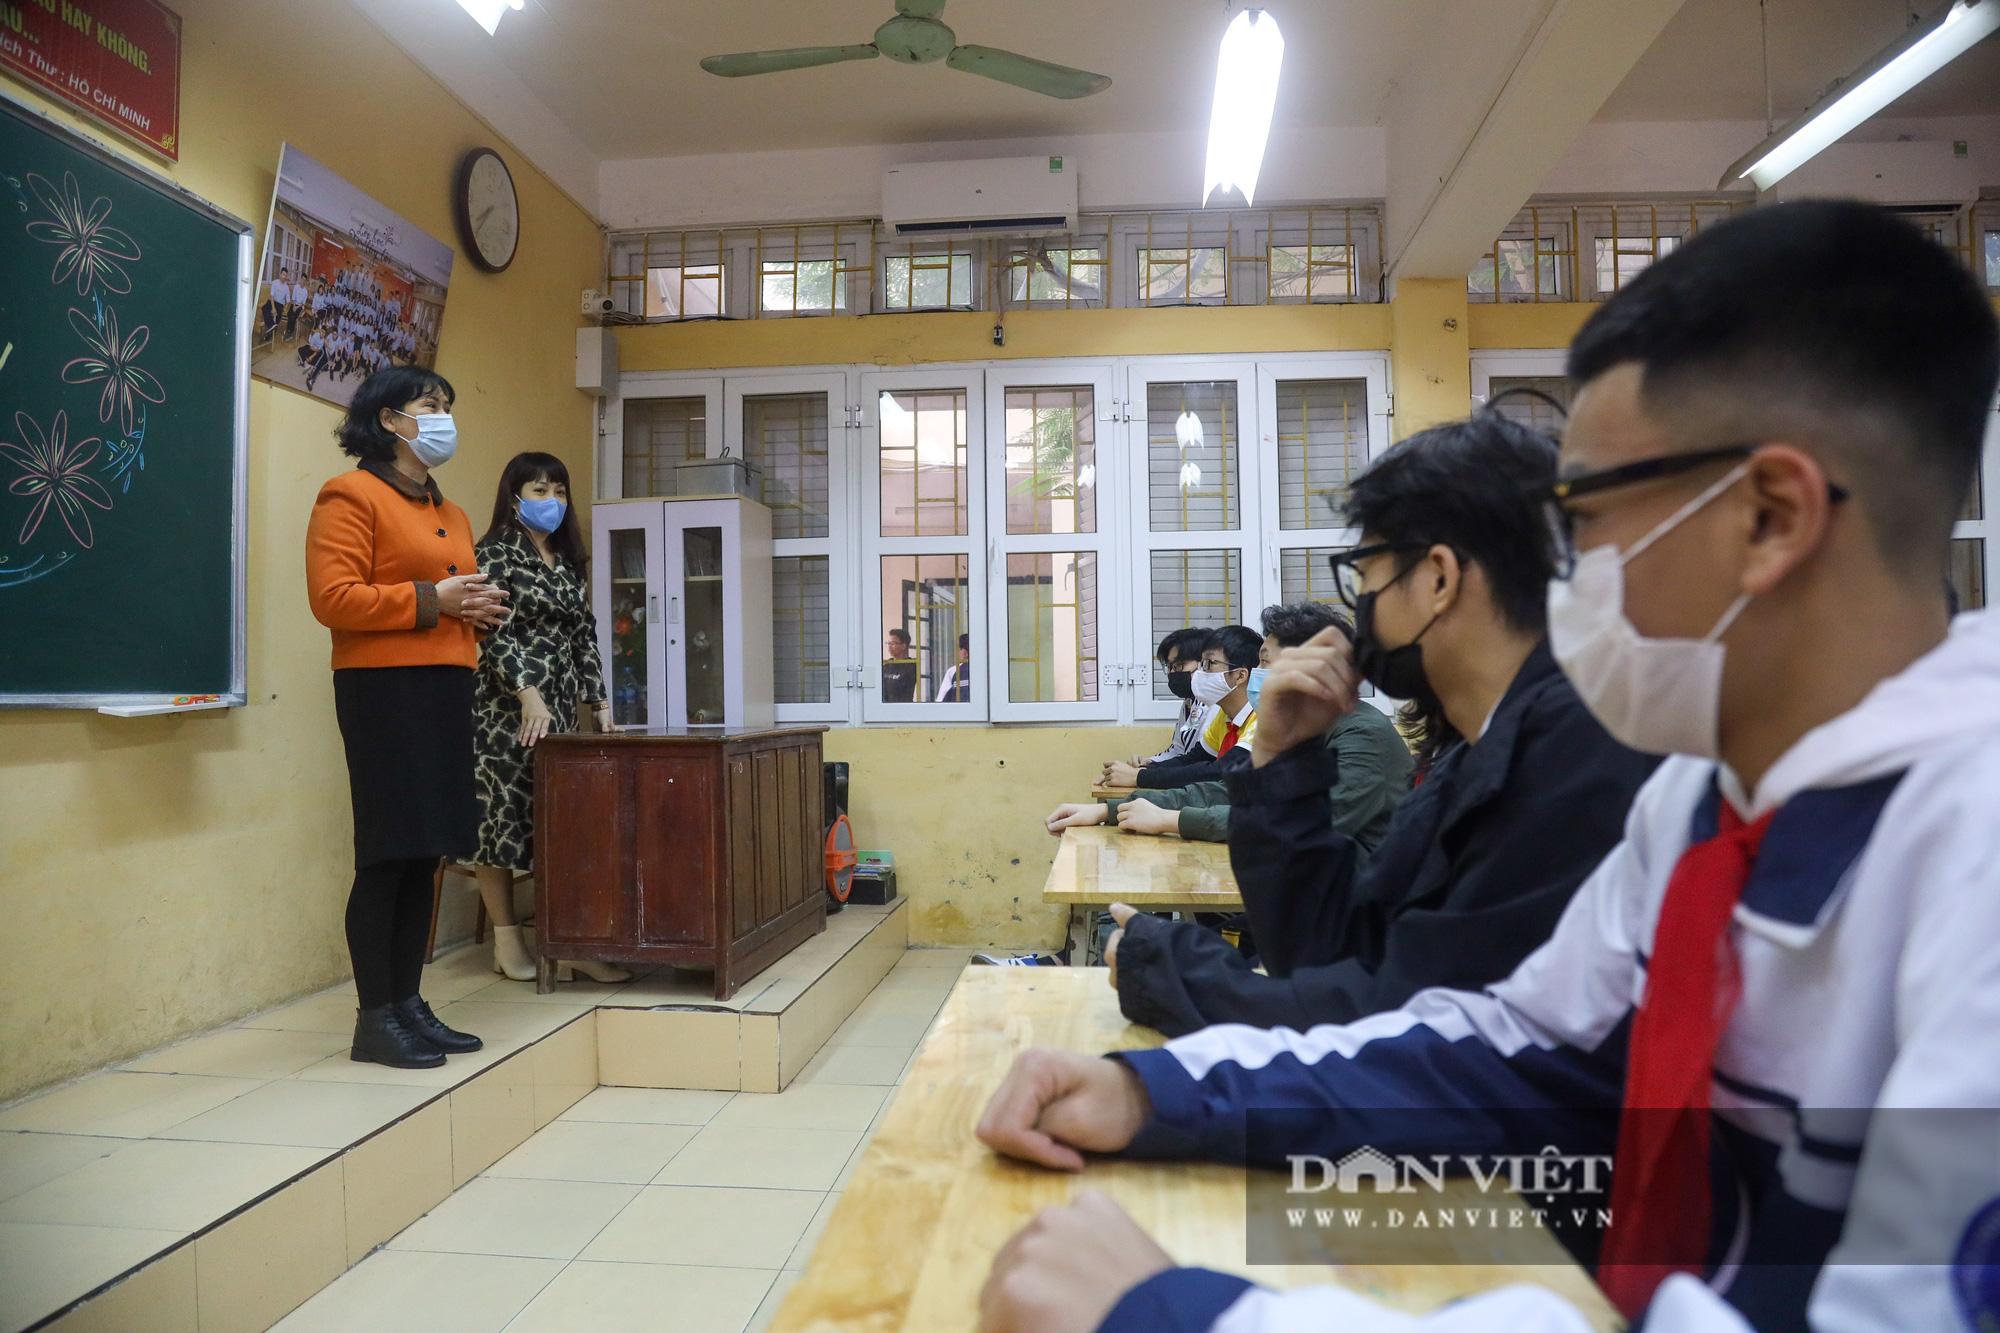 Đi học trở lại sau 30 ngày nghỉ Tết, học sinh Hà Nội được nhận lì xì - Ảnh 7.